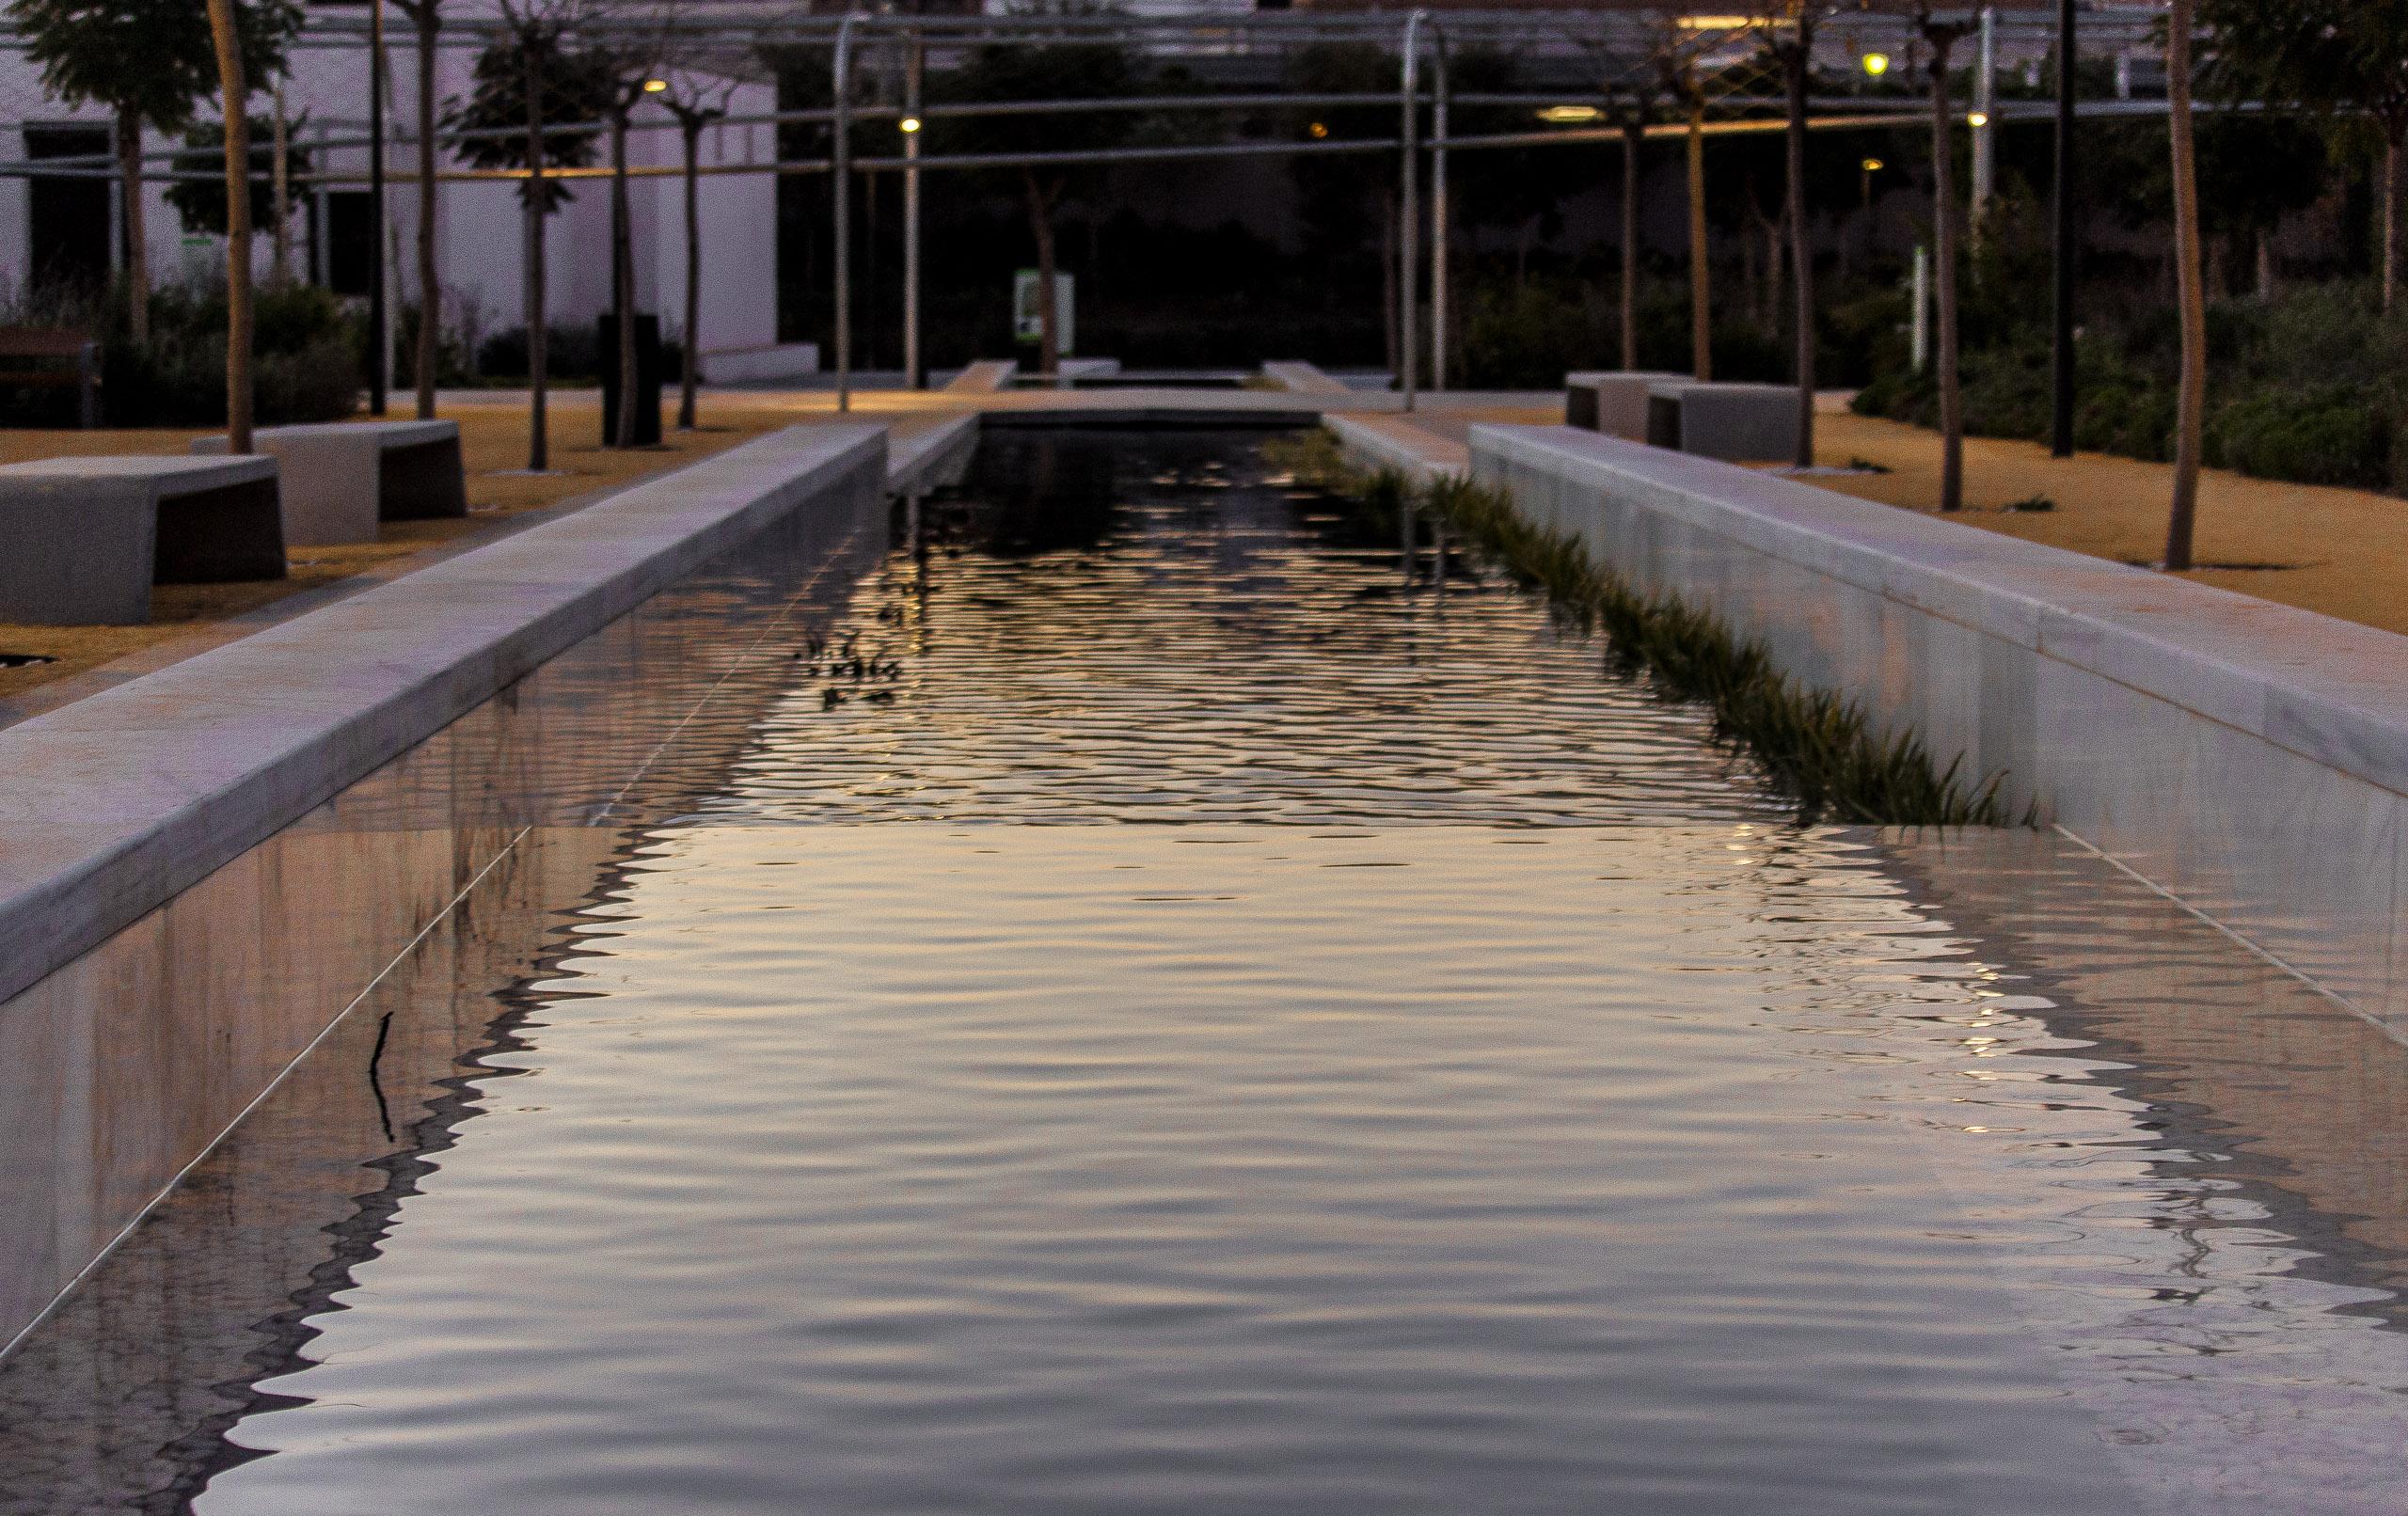 Ein weiterer Blick auf die Wasserbahn